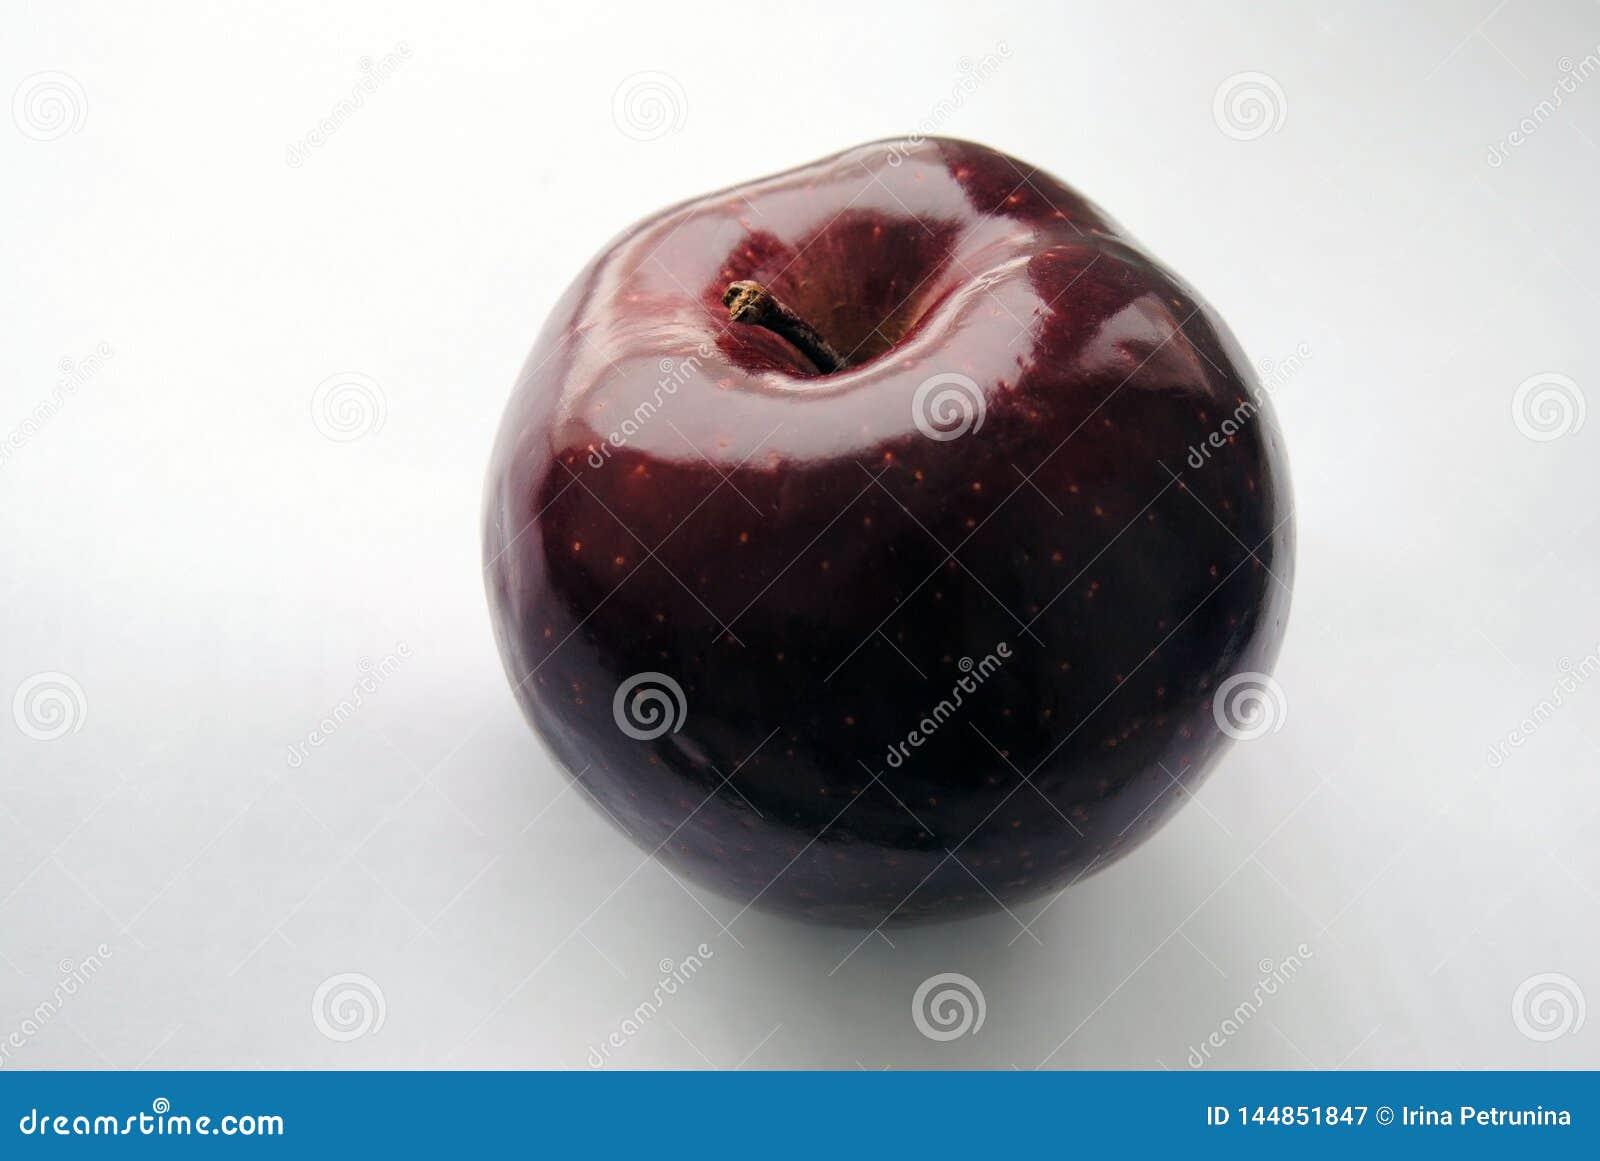 Donkerrode appel op een witte achtergrond